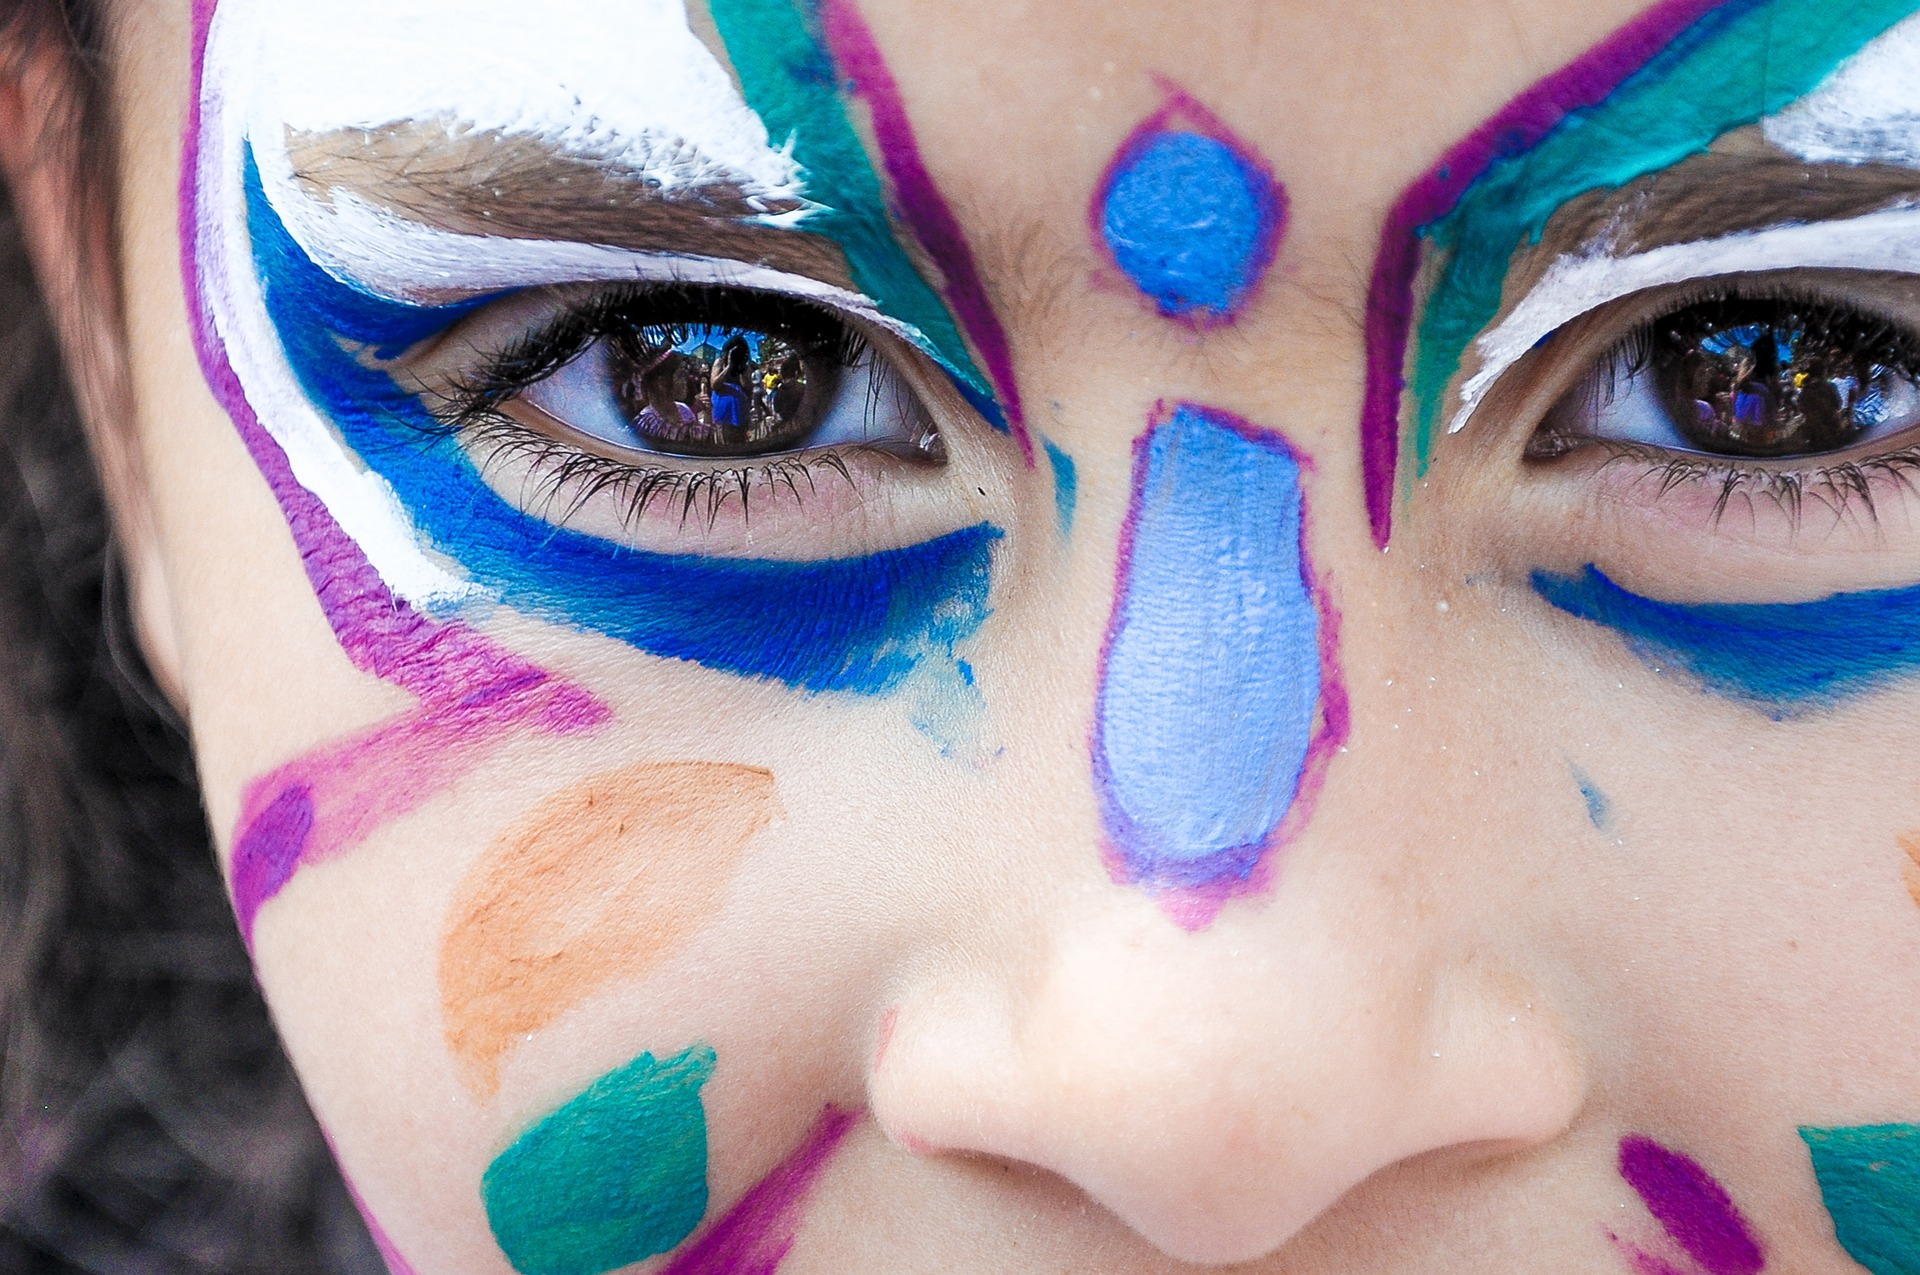 malowanie, dziecko, dziewczynka, makijaż, farby, farbki, motyl, kolory, wzrór